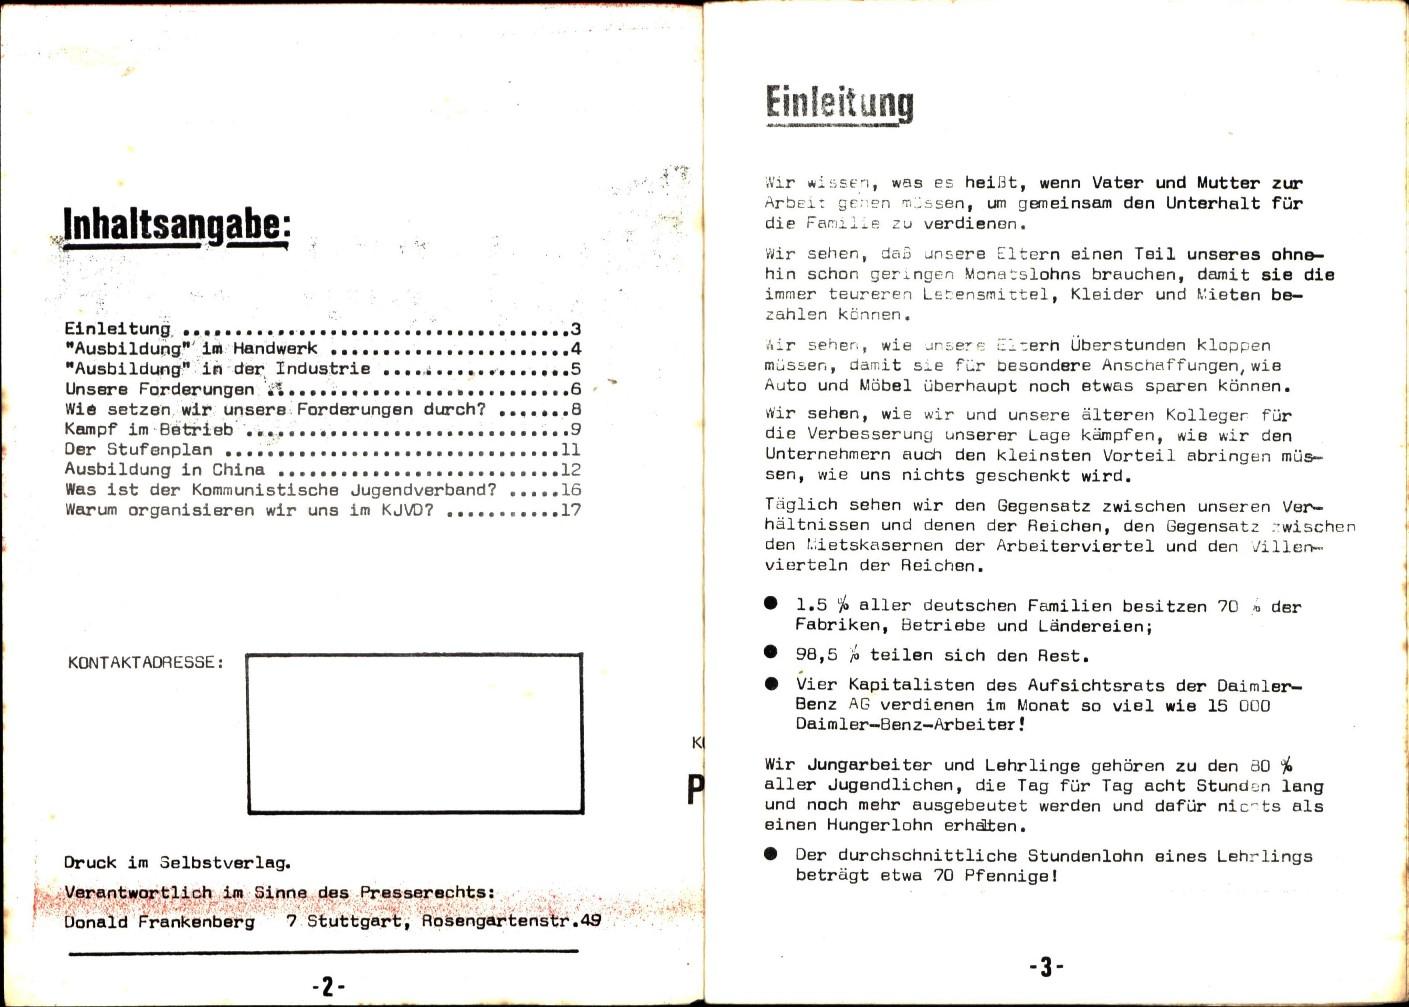 KJVD_1971_Der_wirtschaftliche_Kampf_der_Arbeiterjugend_02